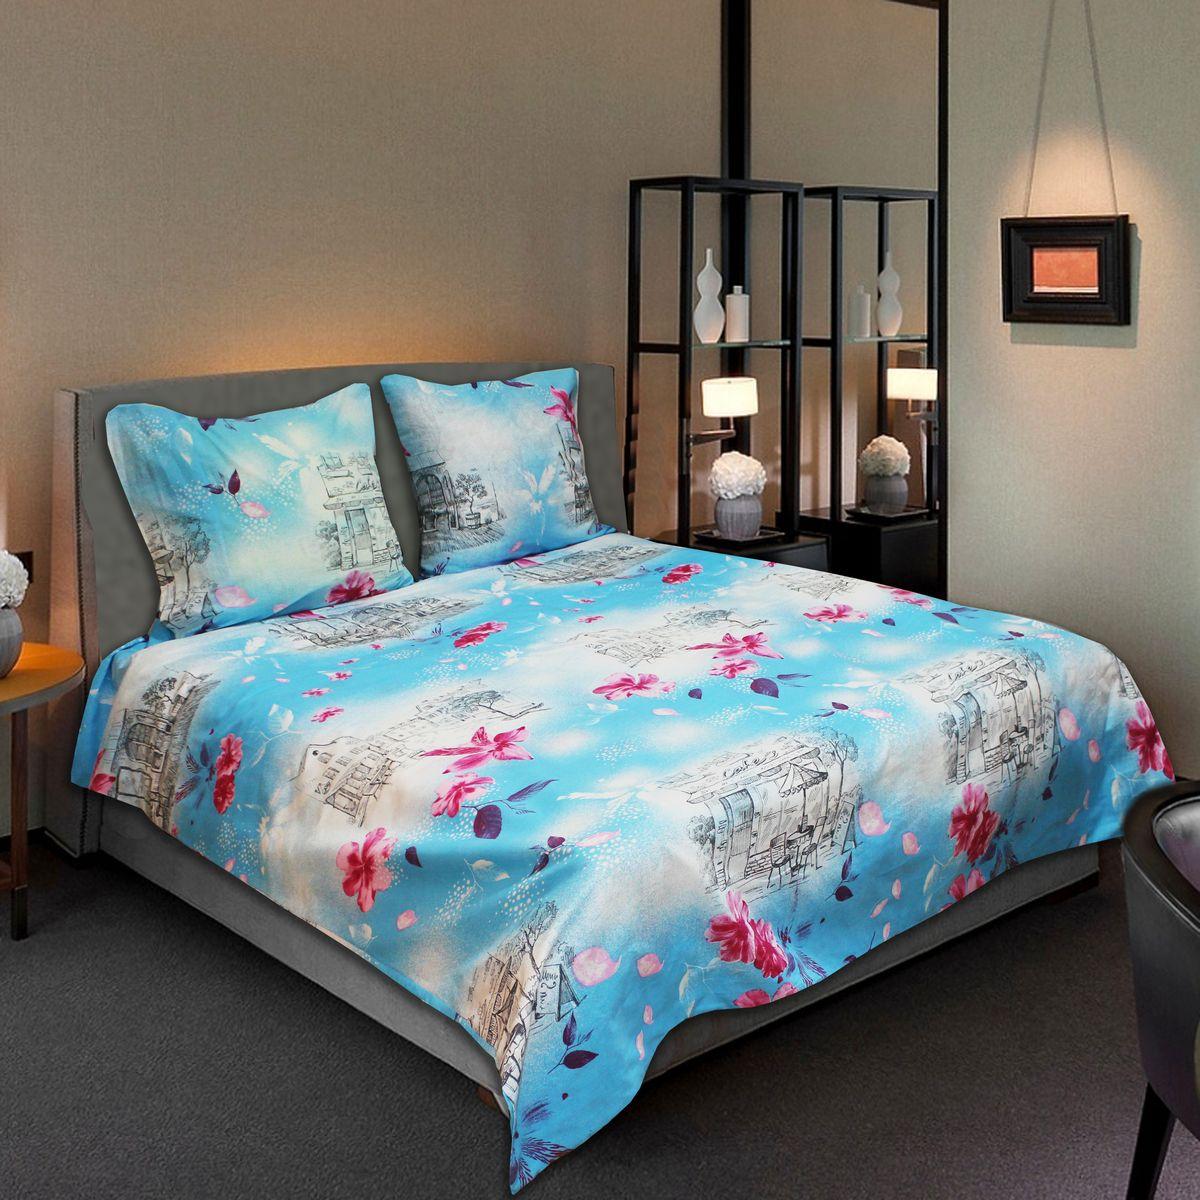 Комплект белья Amore Mio Light, 1,5-спальный, наволочки 70х7077693Постельное белье из бязи практично и долговечно, а самое главное - это 100% хлопок! Материал великолепно отводит влагу, отлично пропускает воздух, не капризен в уходе, легко стирается и гладится. Новая коллекция Naturel 3-D дизайнов позволит выбрать постельное белье на любой вкус!